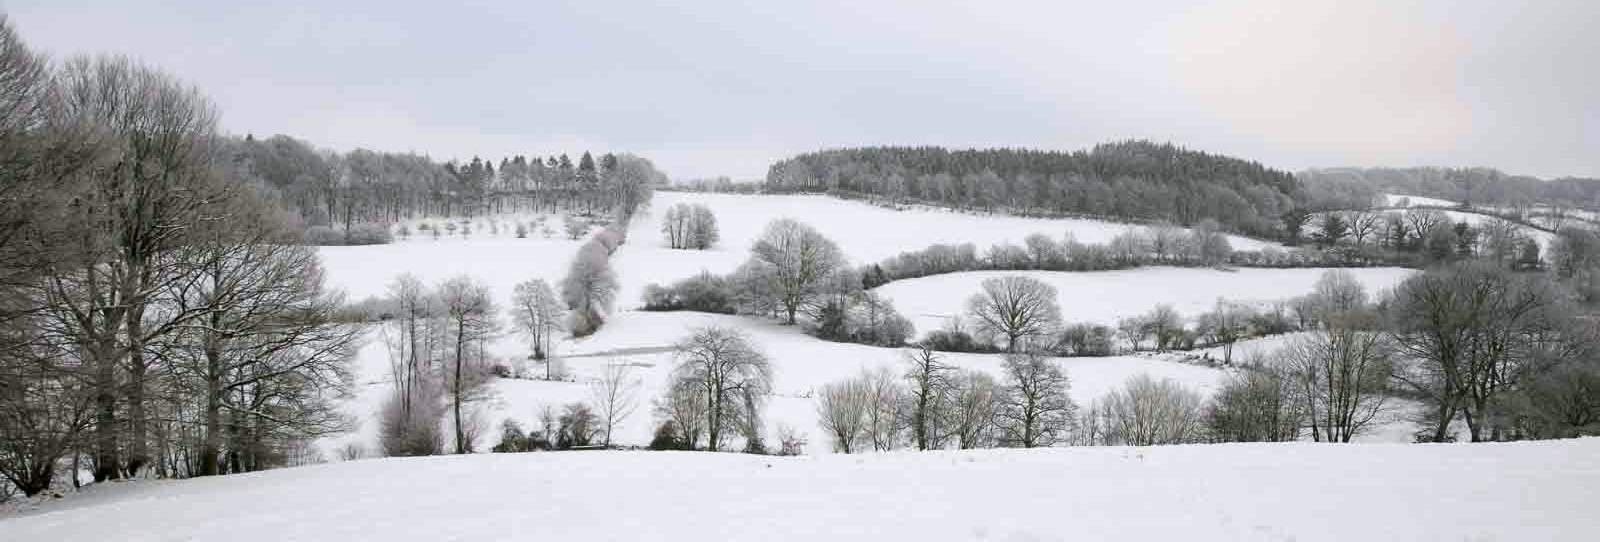 Knicklandschaft, Winter, winterlich, Schnee, Kulturlandschaft, Schleswig-Holstein, Schnee, Schneedecke, Neuschnee